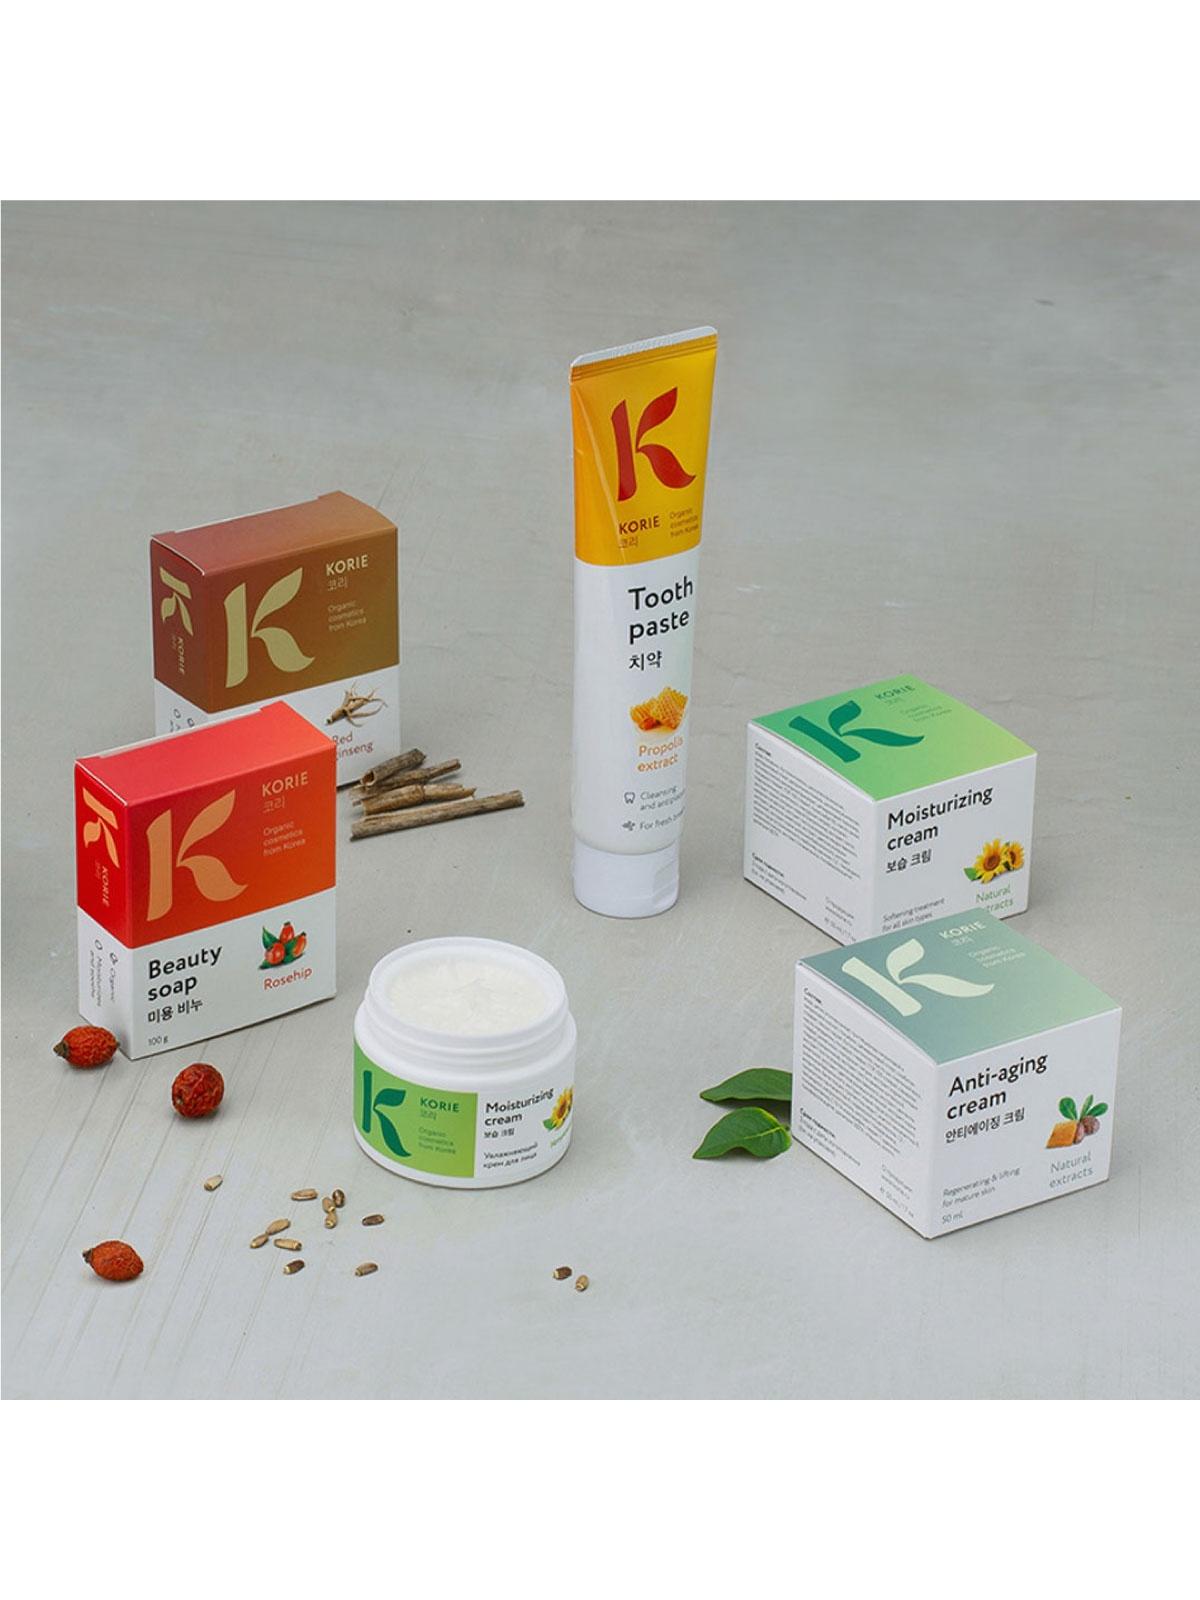 Moisturizing creamНатуральный увлажняющий крем для лица Korie Korie